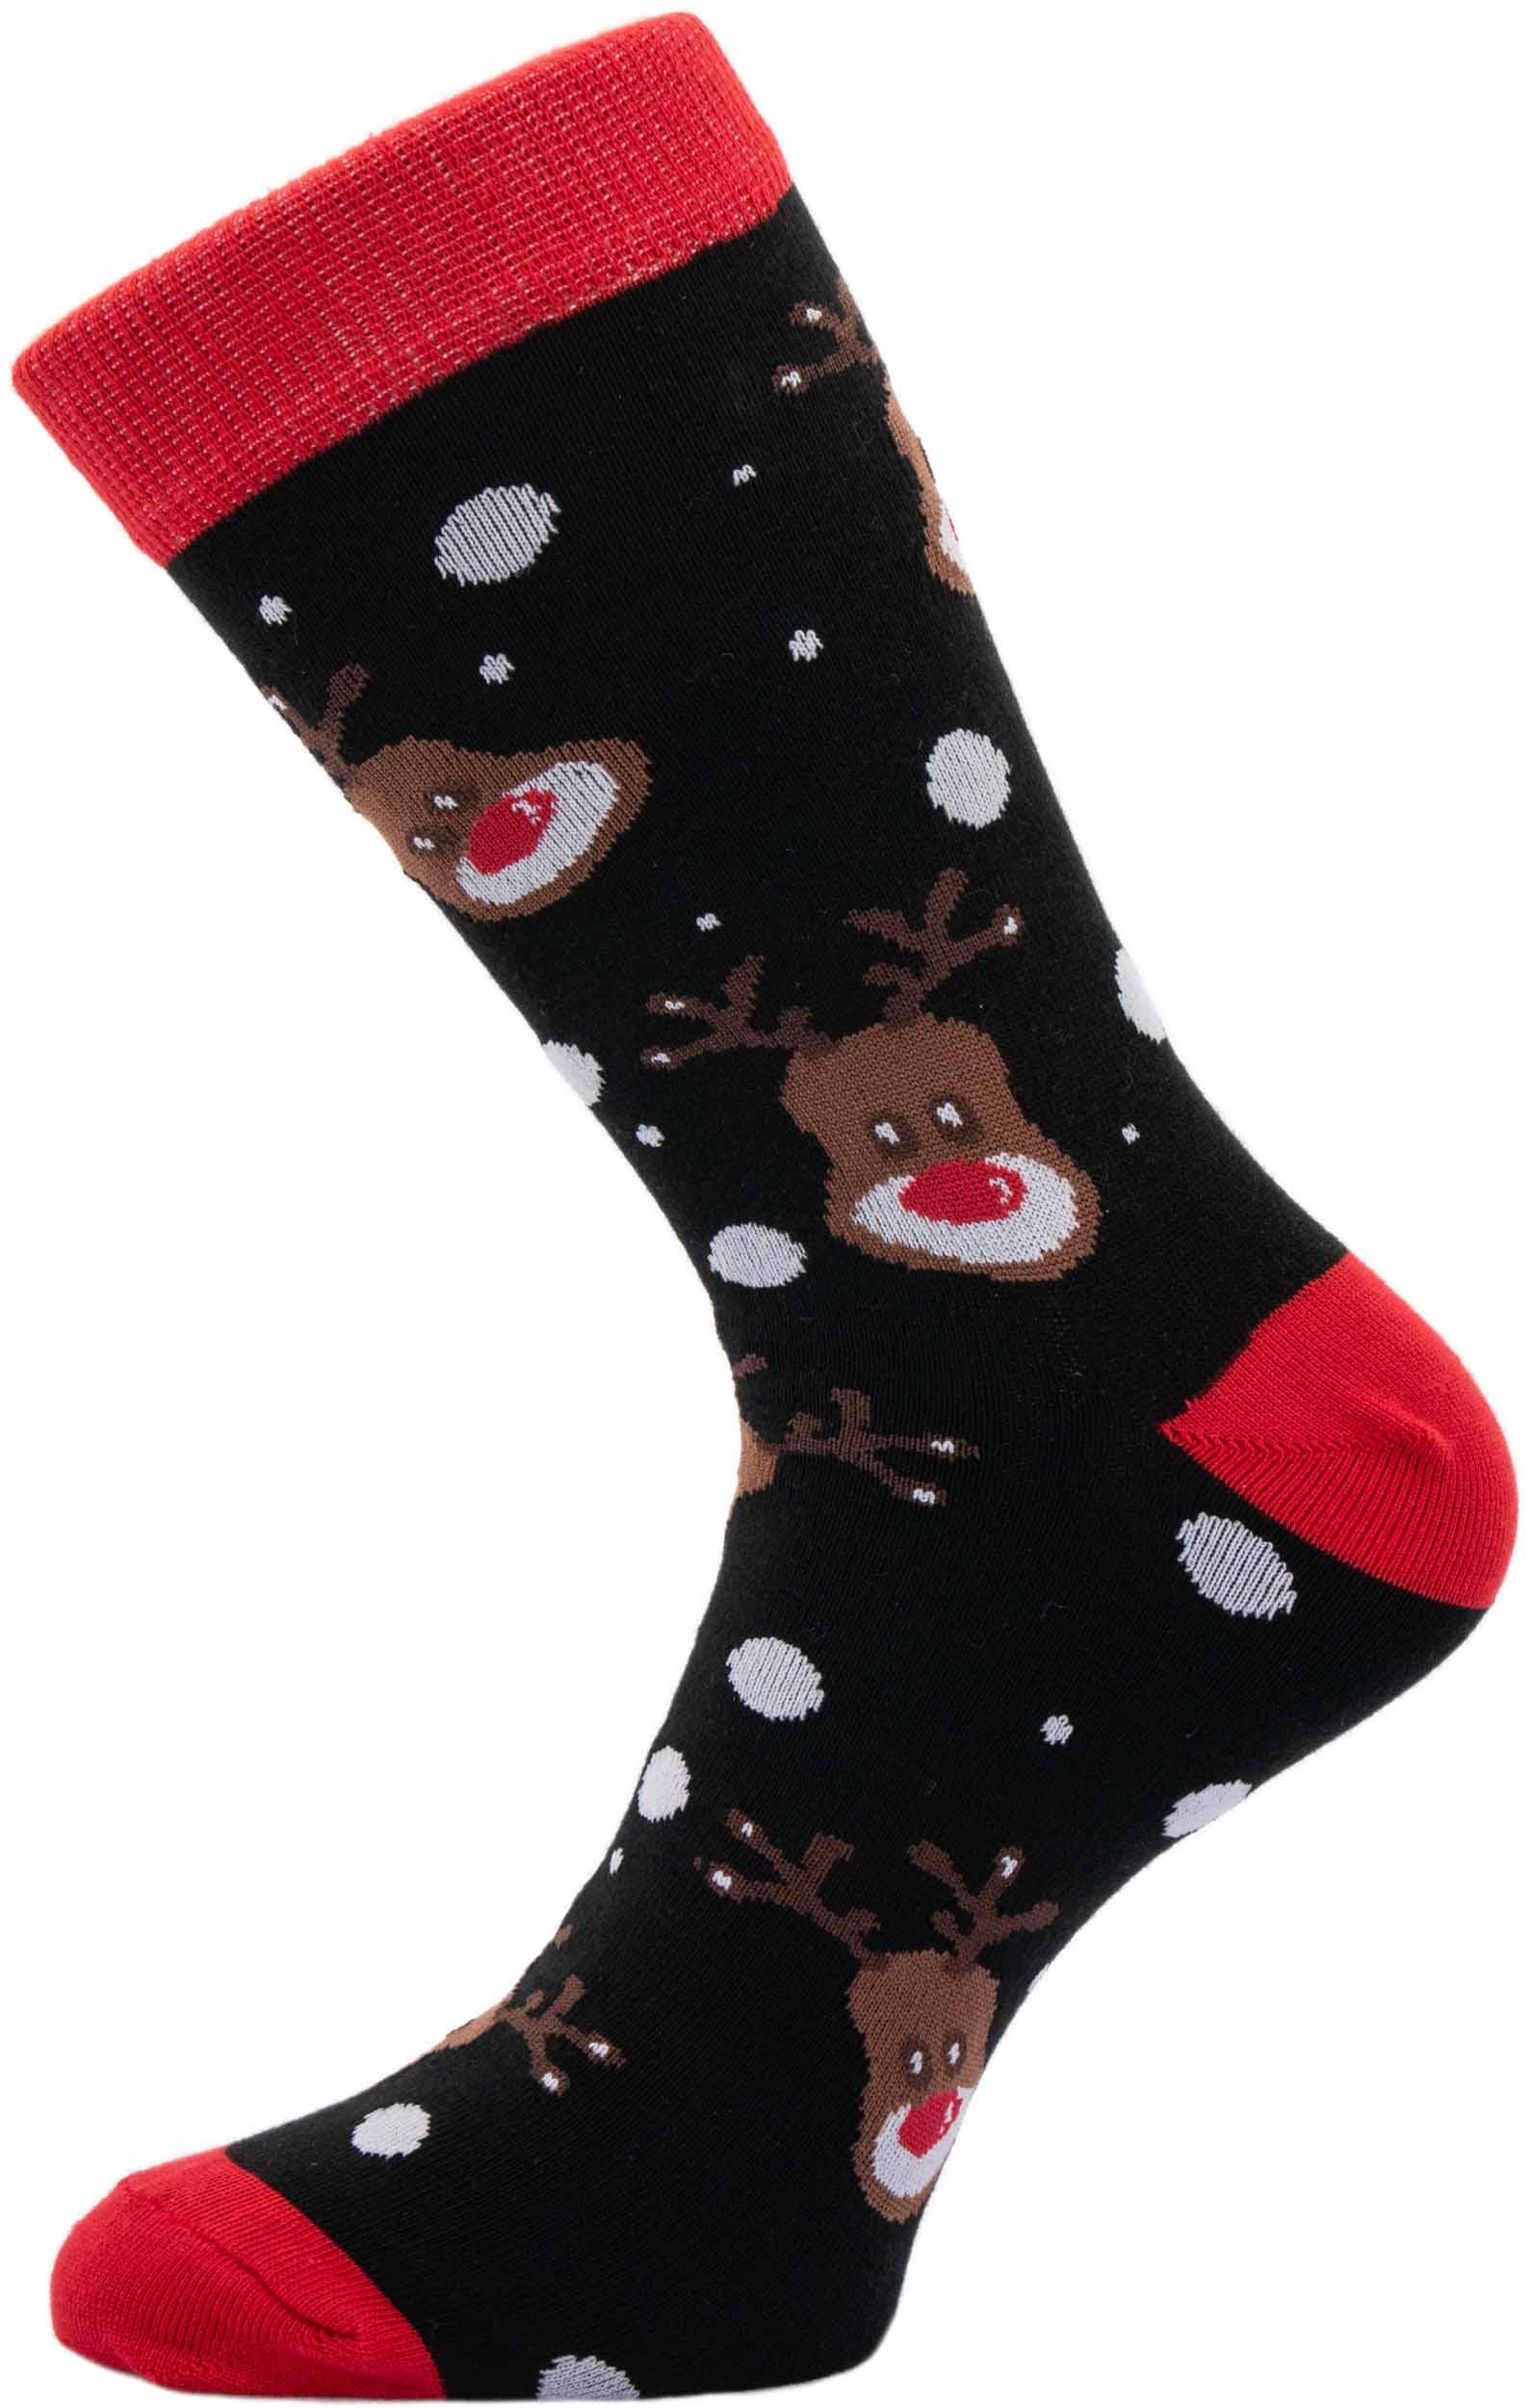 Pánské vánoční ponožky Sobi černé 42-46